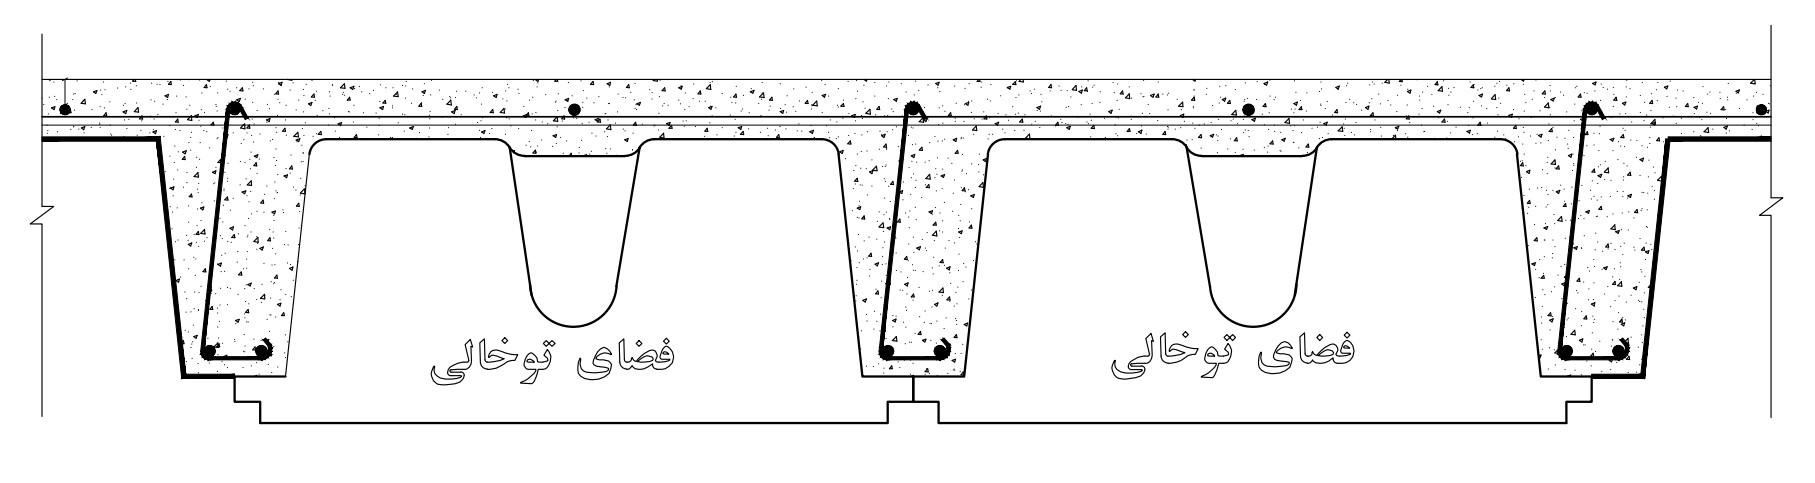 تصویر4-نمای عرضی از سقف وافل و فضای خالی که بتن کششی حذف شده است